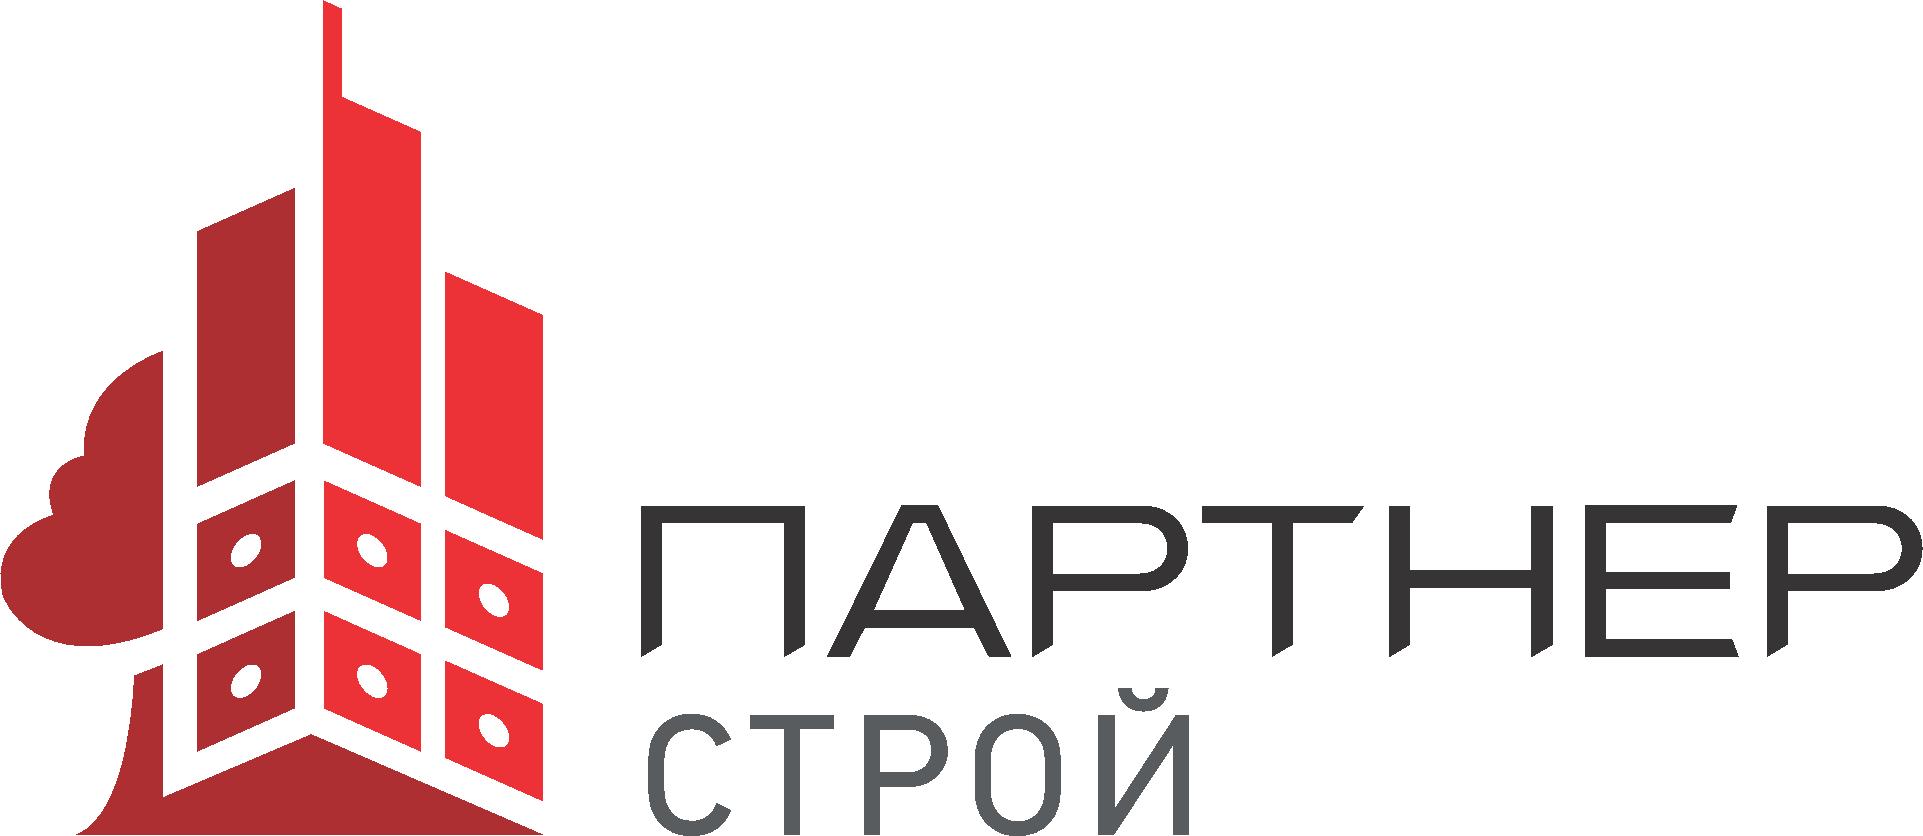 Сайт строительной компании тюмени заработать на создание своего сайта